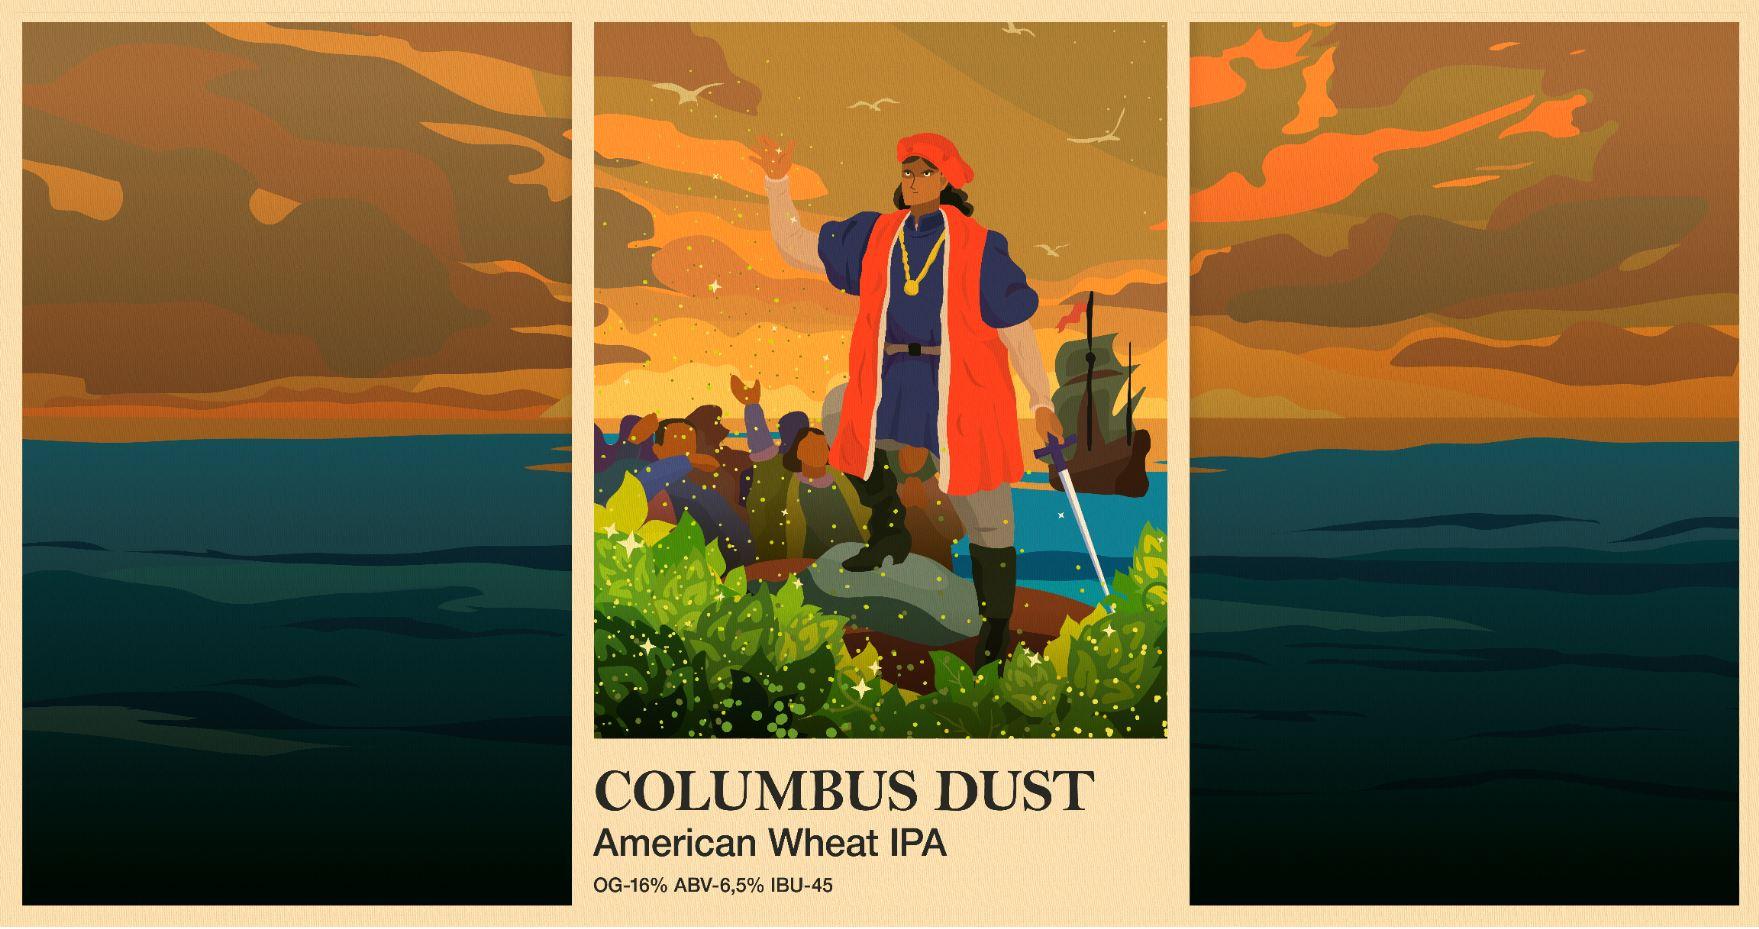 Columbus Dust